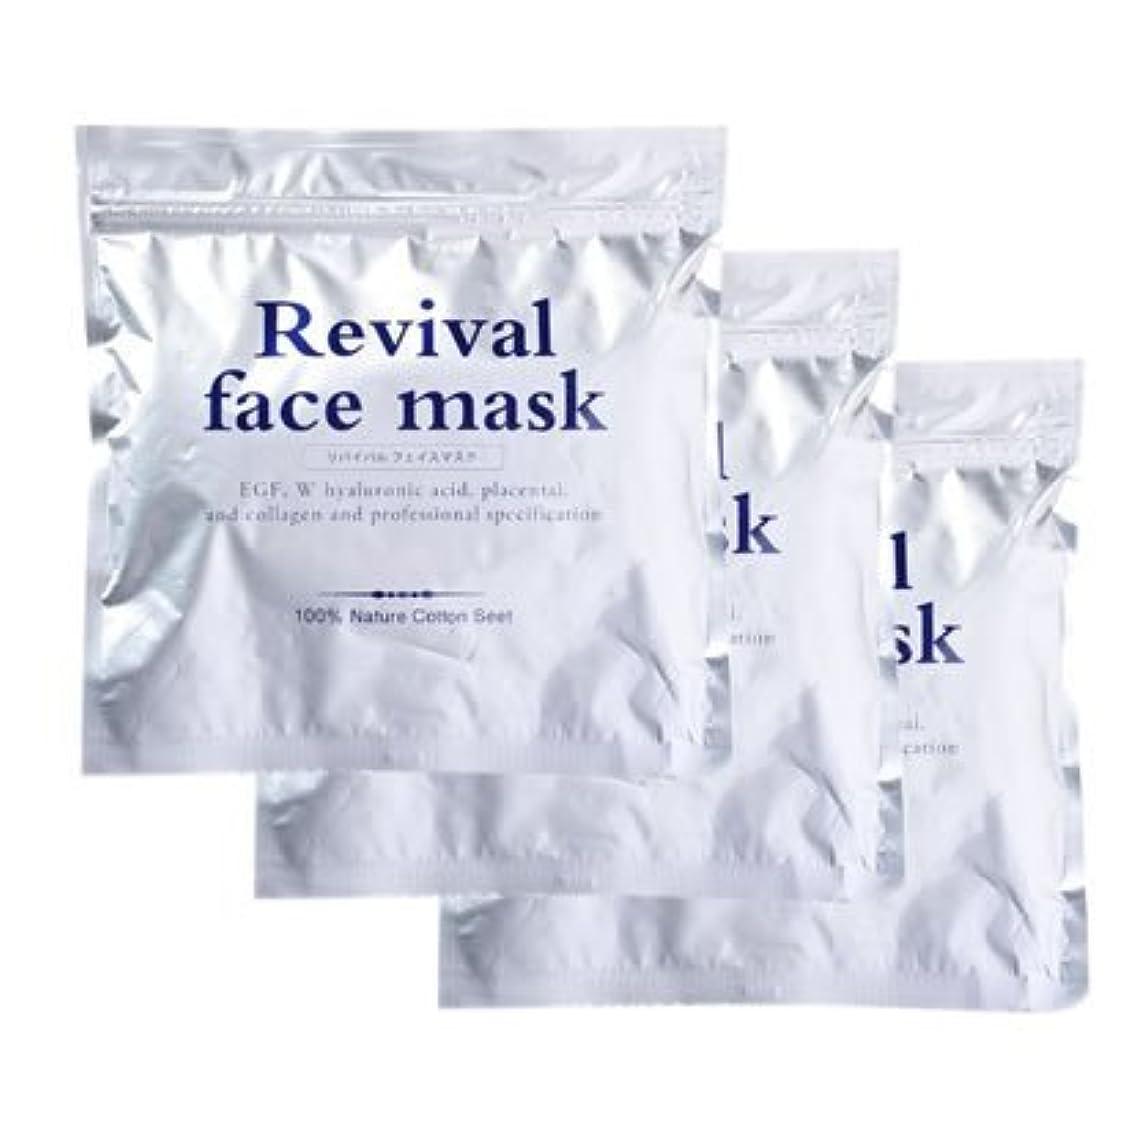 キャロライン猛烈なアーカイブリバイバルフェイスマスク 90枚セット(30枚×3袋)